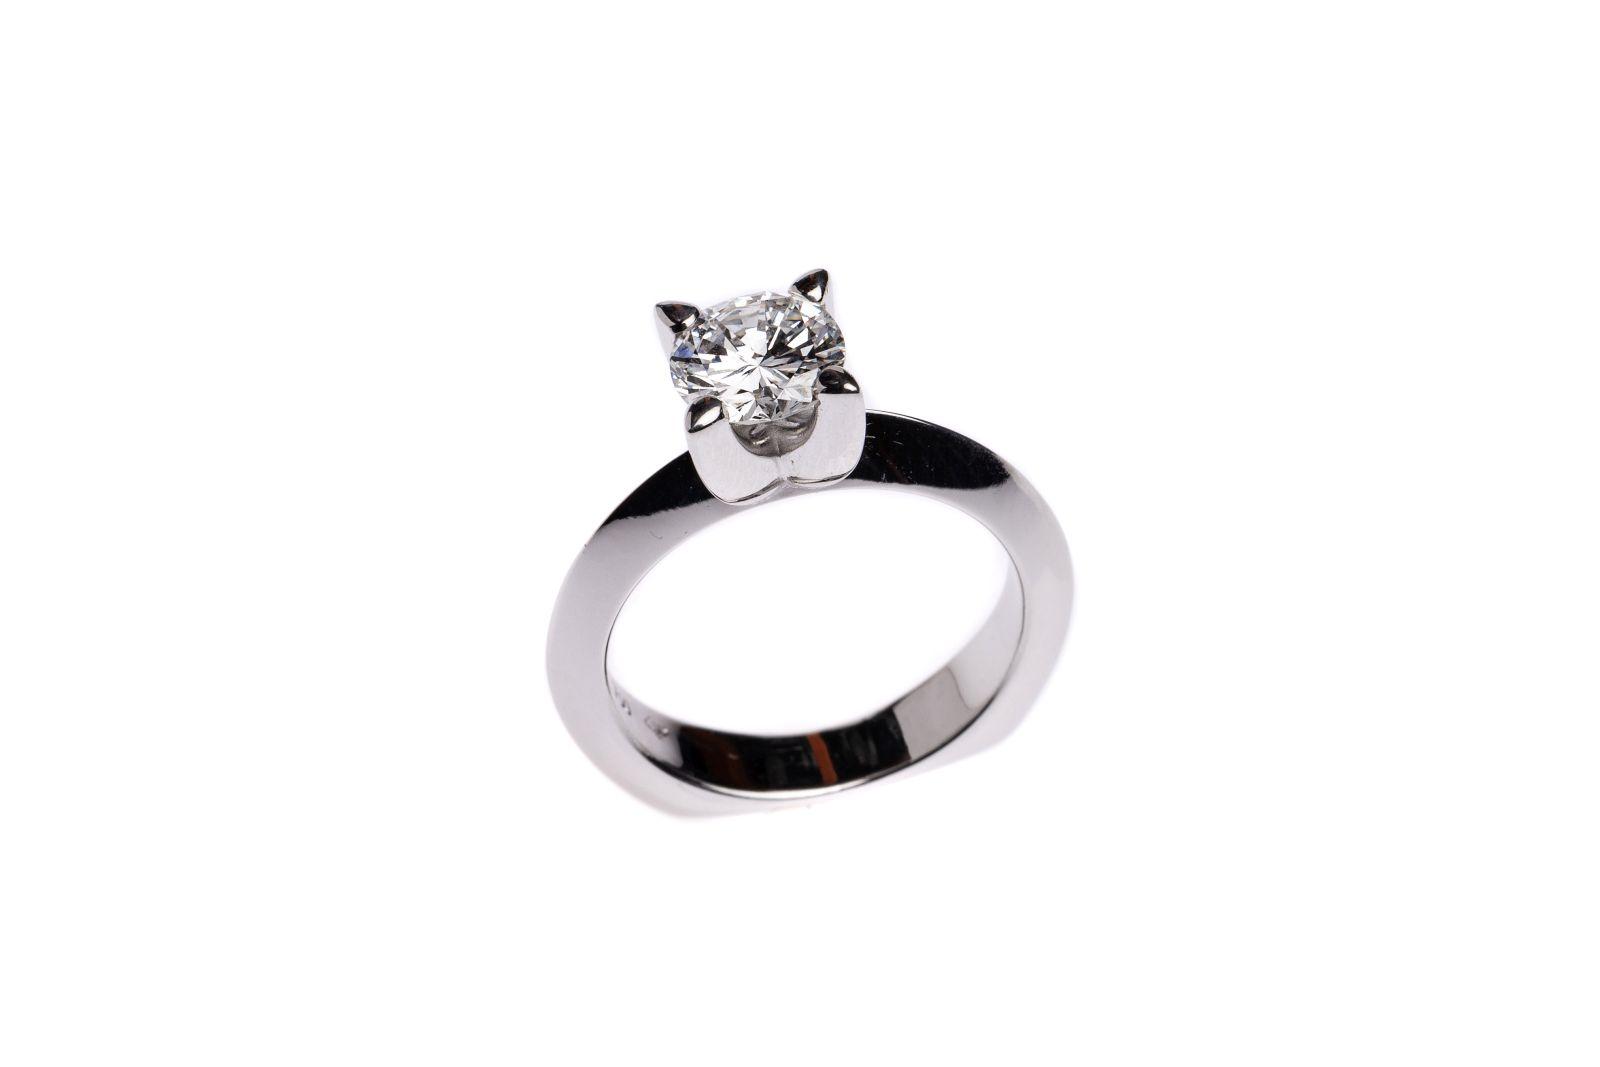 #170 Ring Image